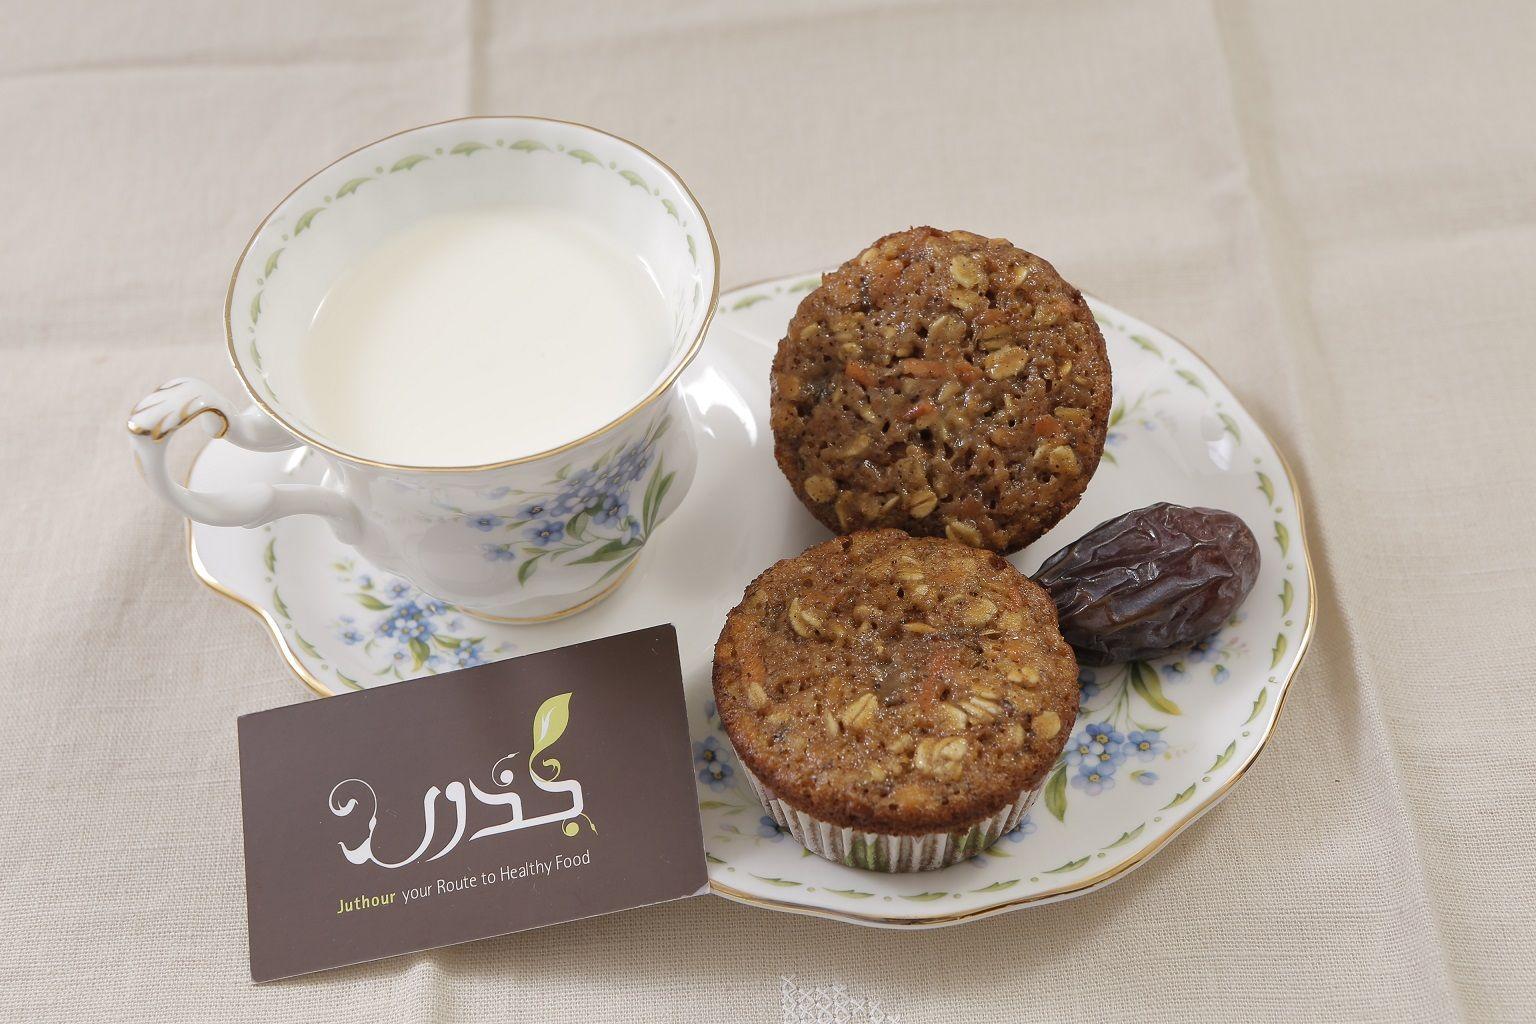 مافن لذيذ مصنوع من نخالة الشوفان وبذور الكتان من جذور Food Cake Breakfast